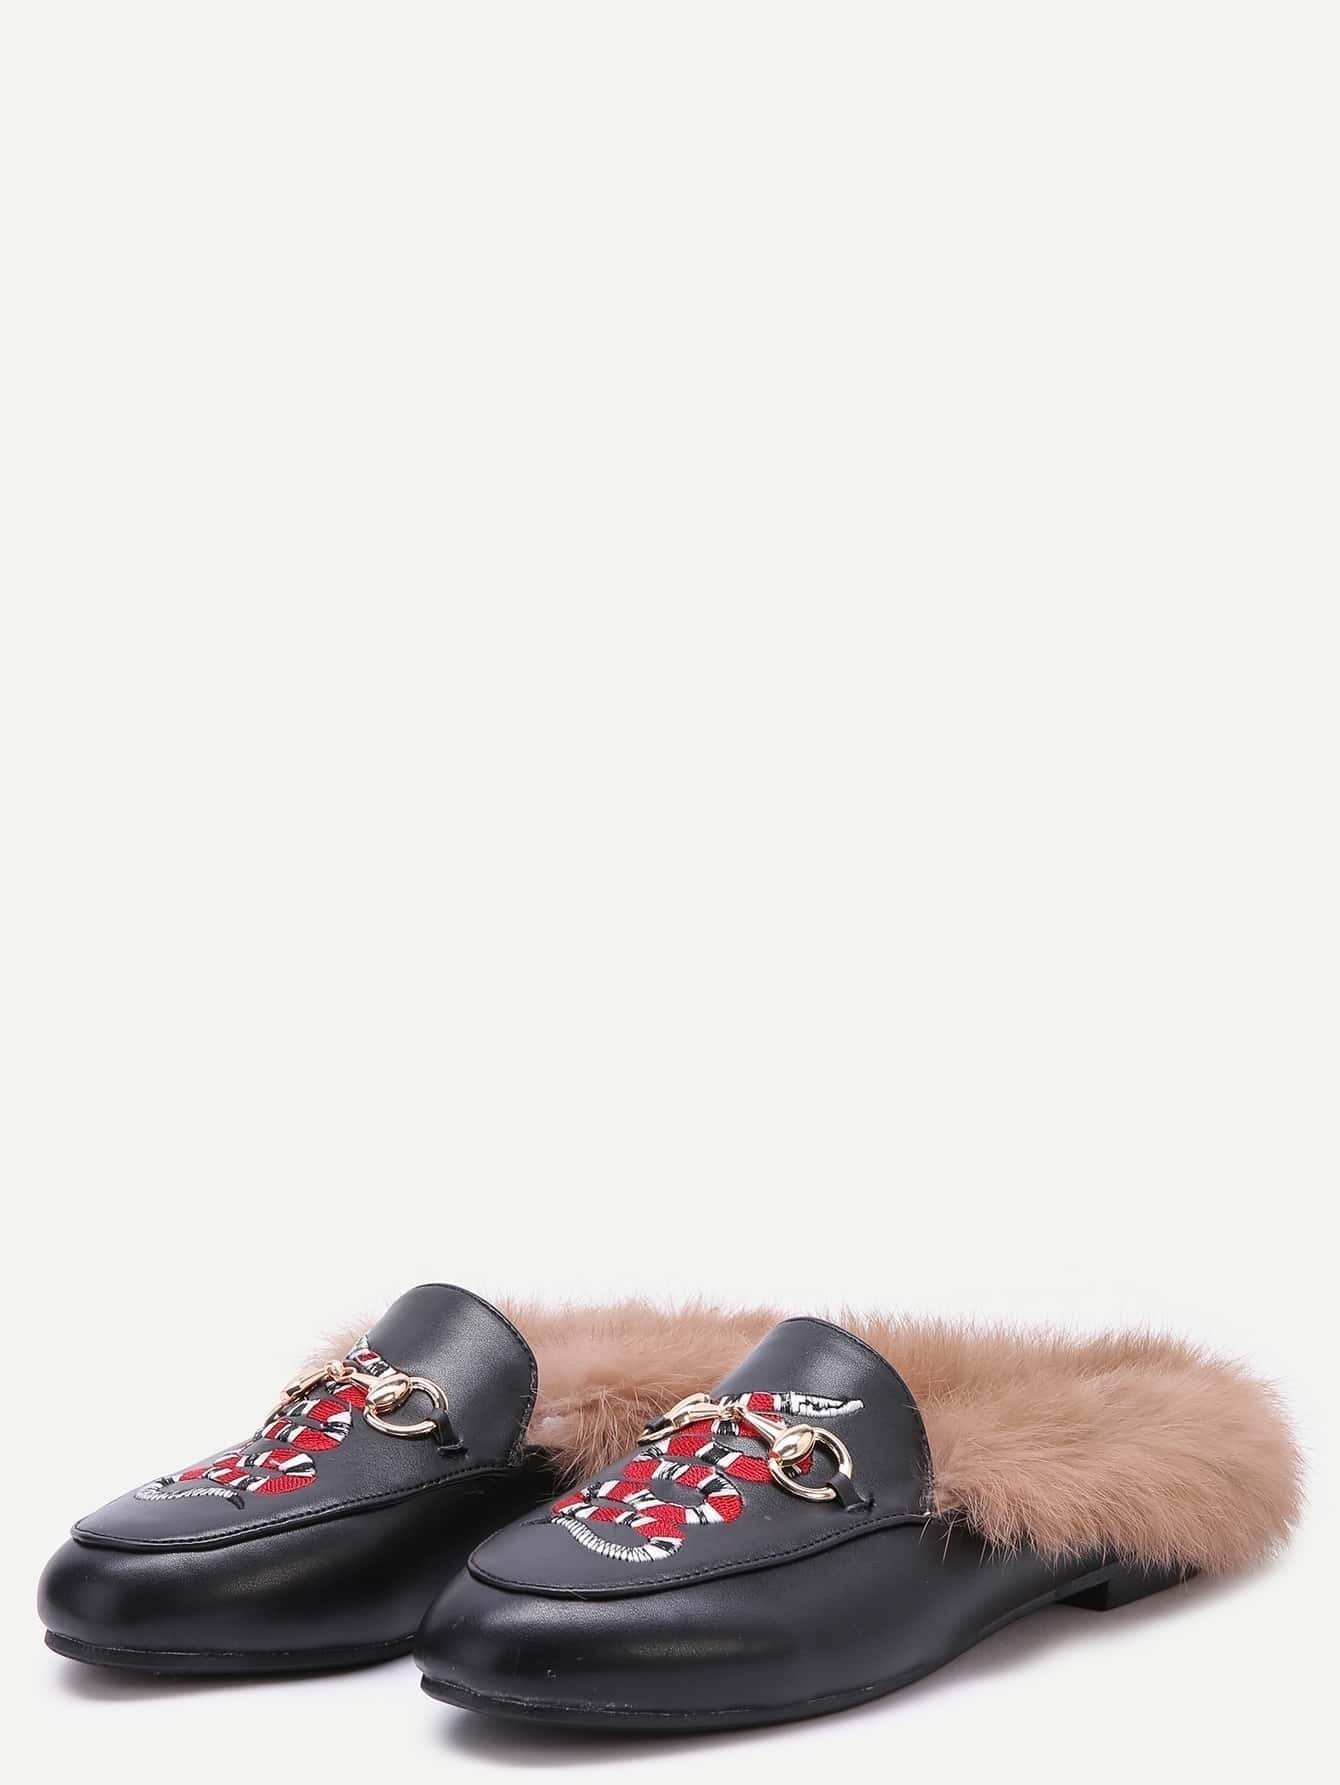 shoes161104804_2